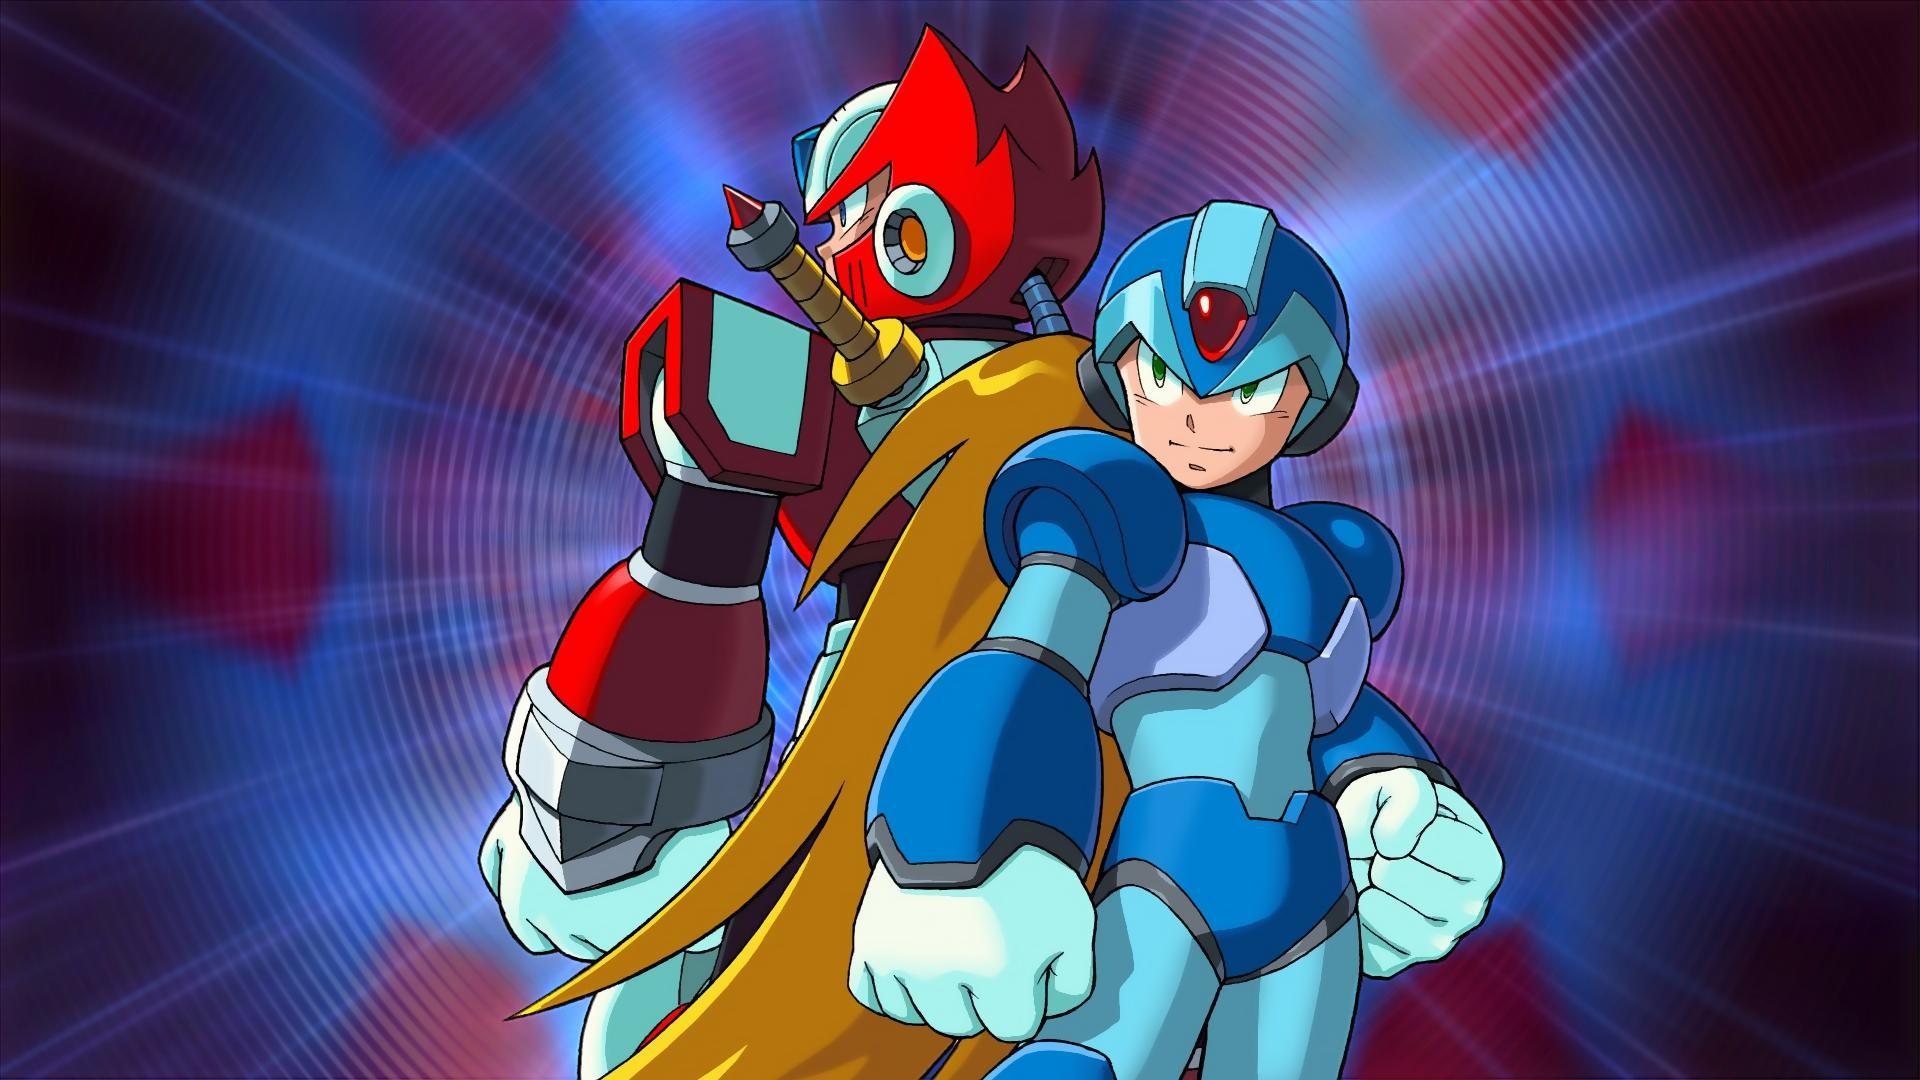 Mega Man X Wallpapers – Wallpaper Cave